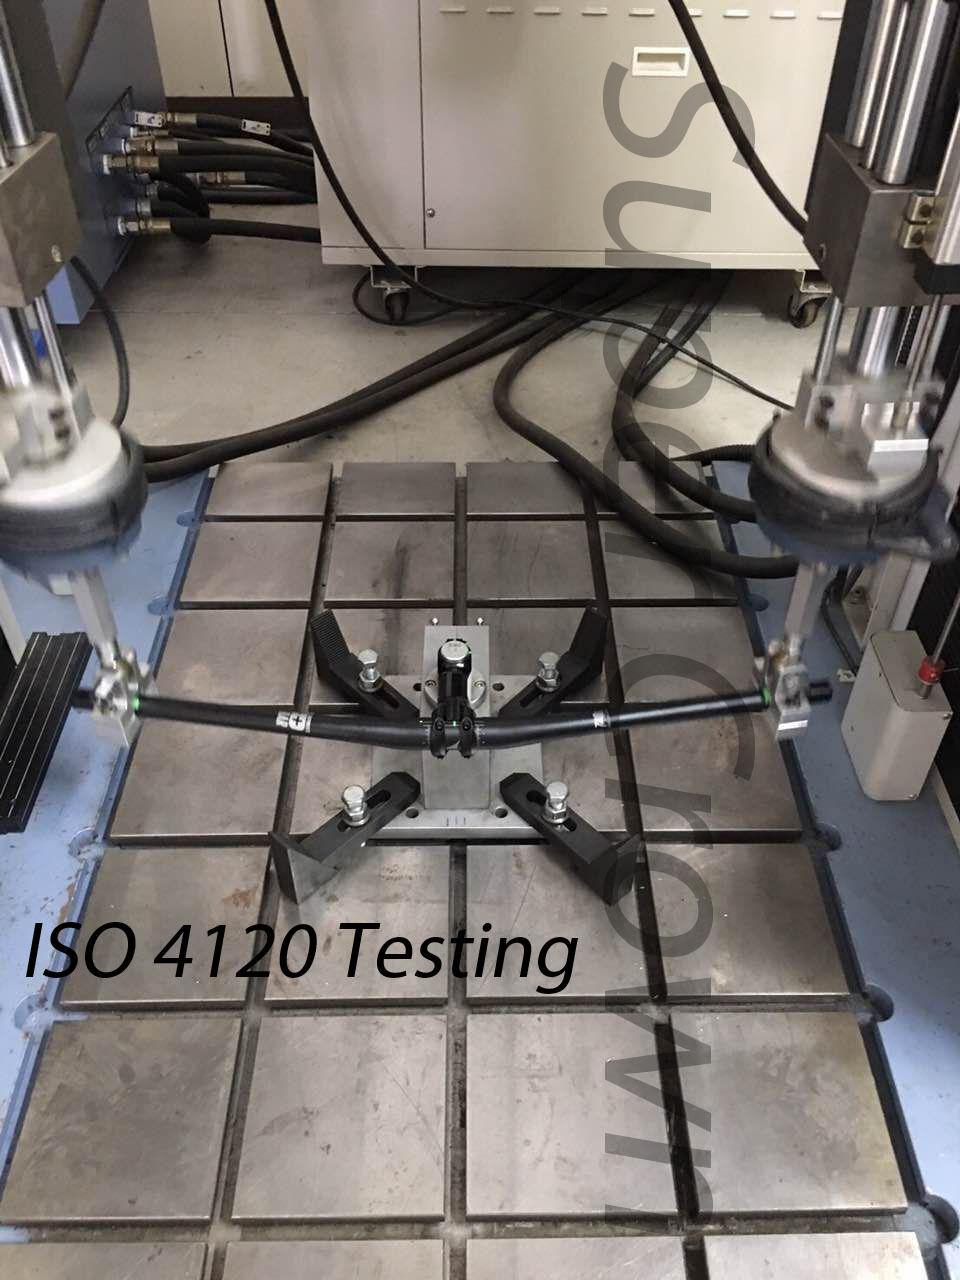 Aleación CNC Mecanizado AL7075 AL7075 AL7075 Bicicleta de Carretera Bicicleta Vástago de -25 ° grados 574e87